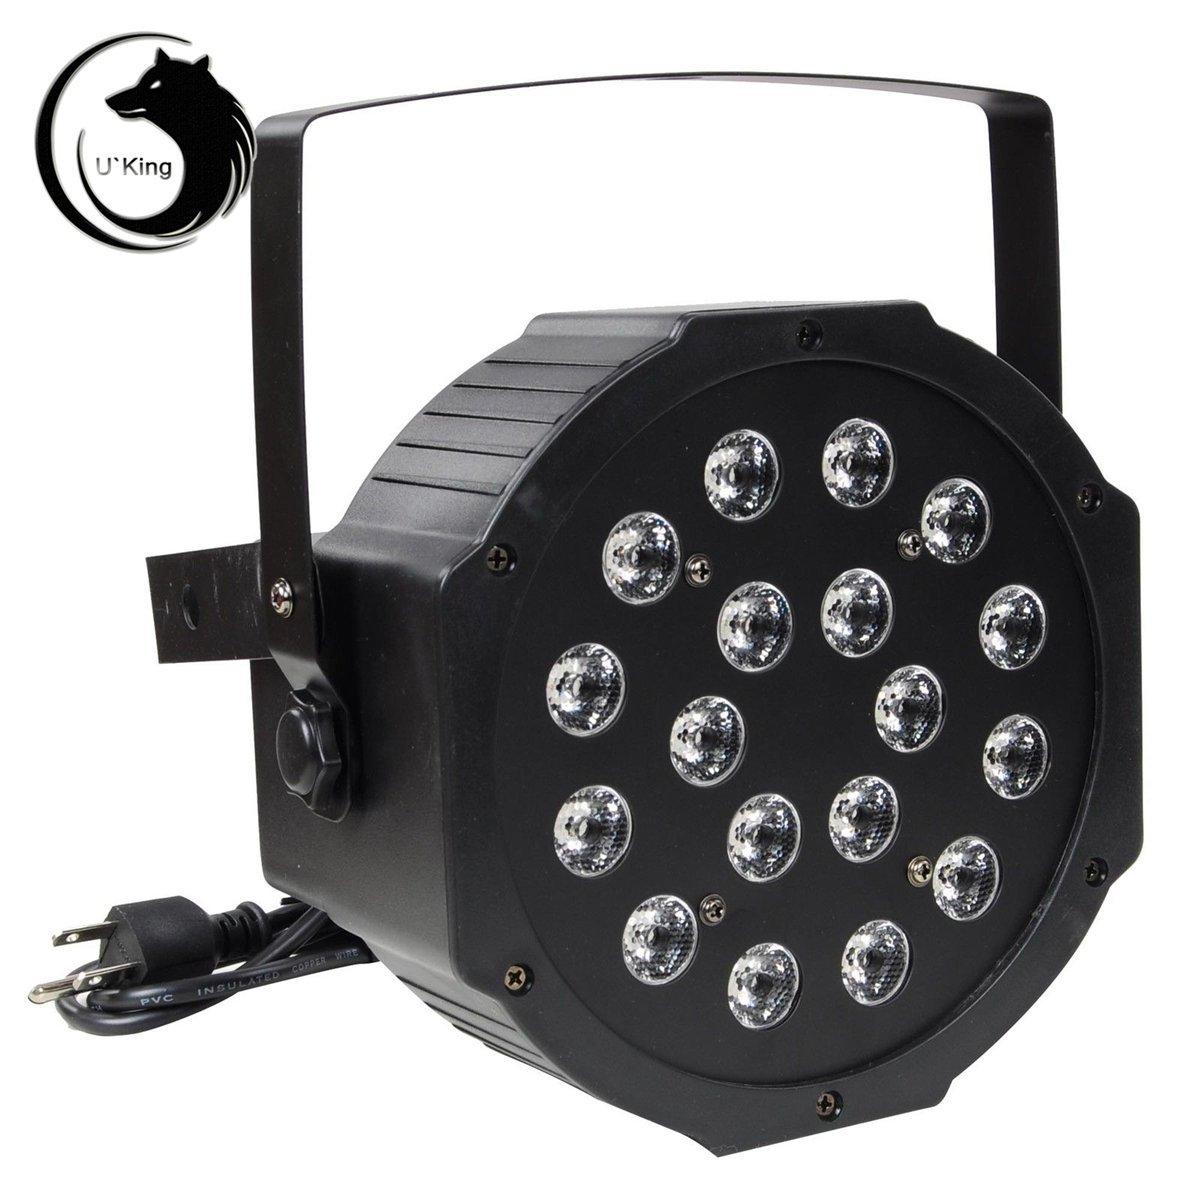 u\' King Licht-Bühne Pro Scheinwerfer DMX 51218W LED RGBW Bestellung Sound Musik für Party Club Disco DJ Club Hochzeit